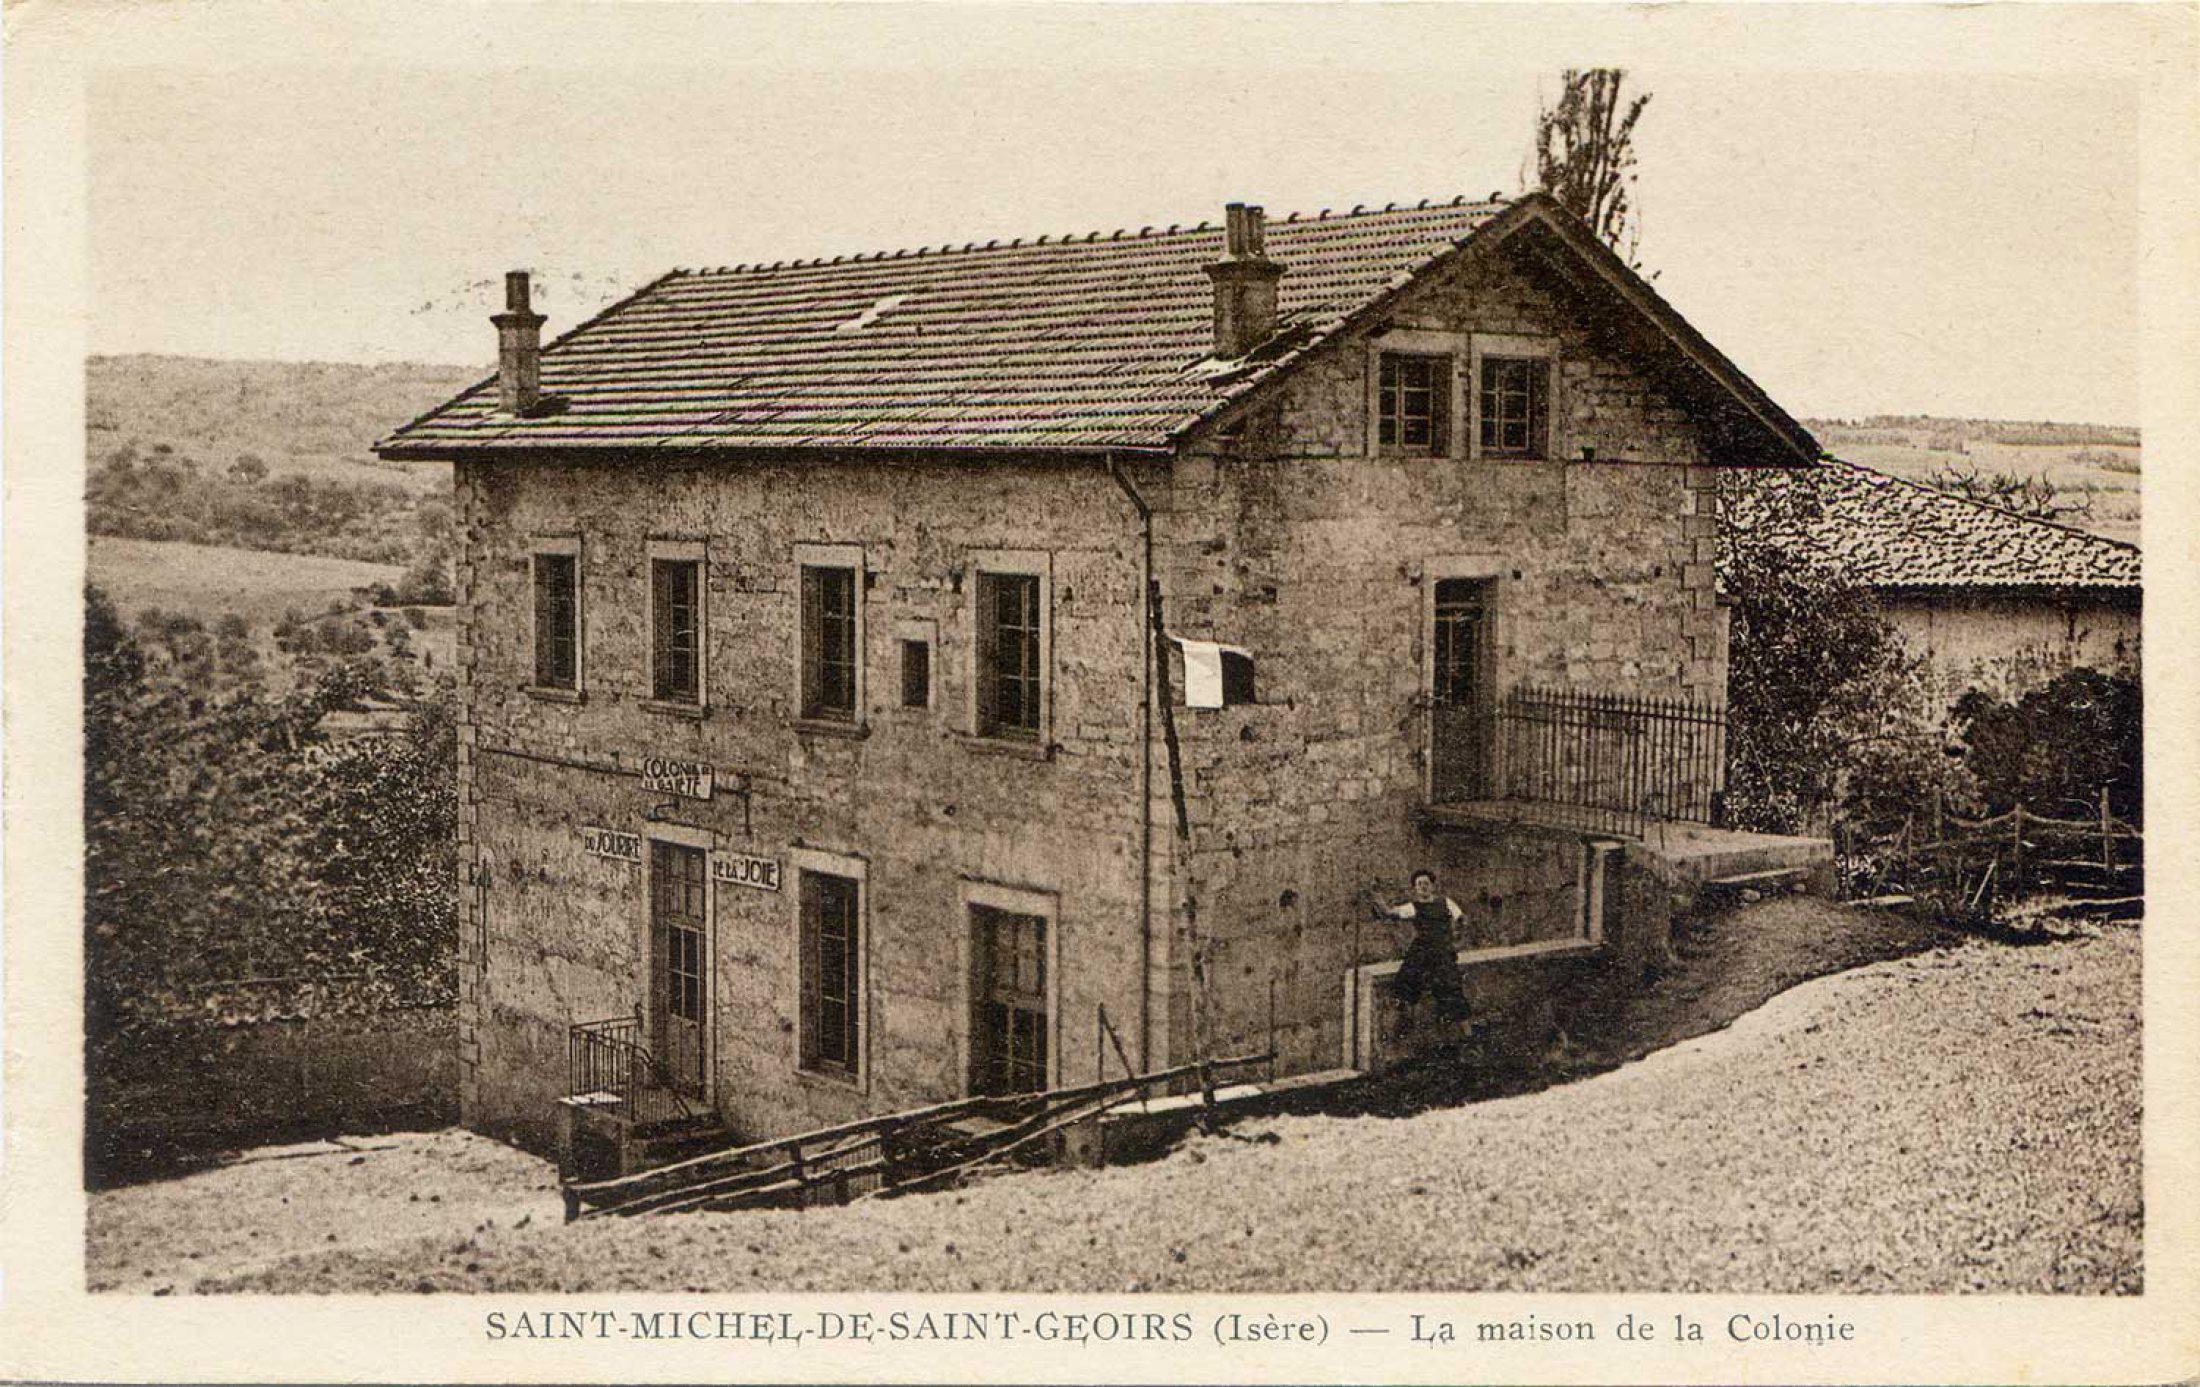 La Maison de la Colonie - Cette carte postale a circulé en août 1942. © st-michel-de-st-geoirs.fr